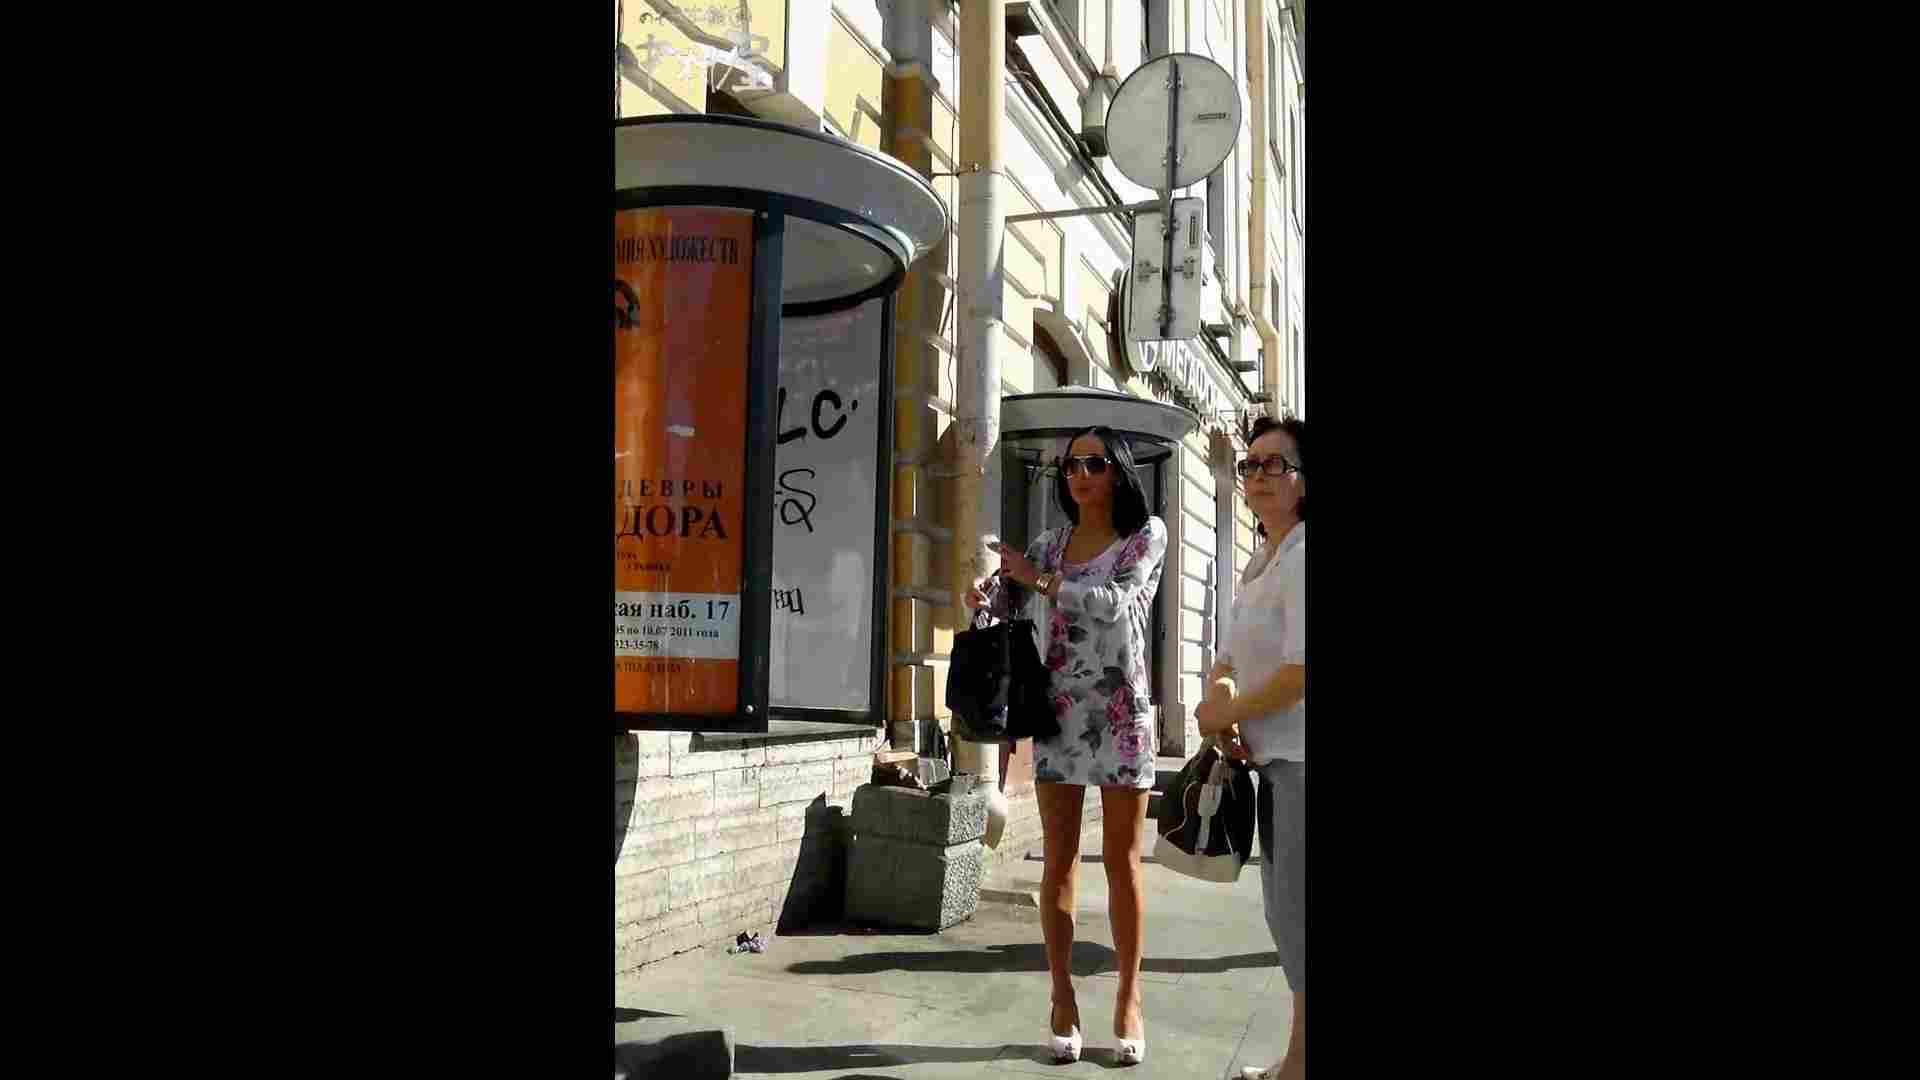 綺麗なモデルさんのスカート捲っちゃおう‼ vol18 モデル アダルト動画キャプチャ 87pic 5